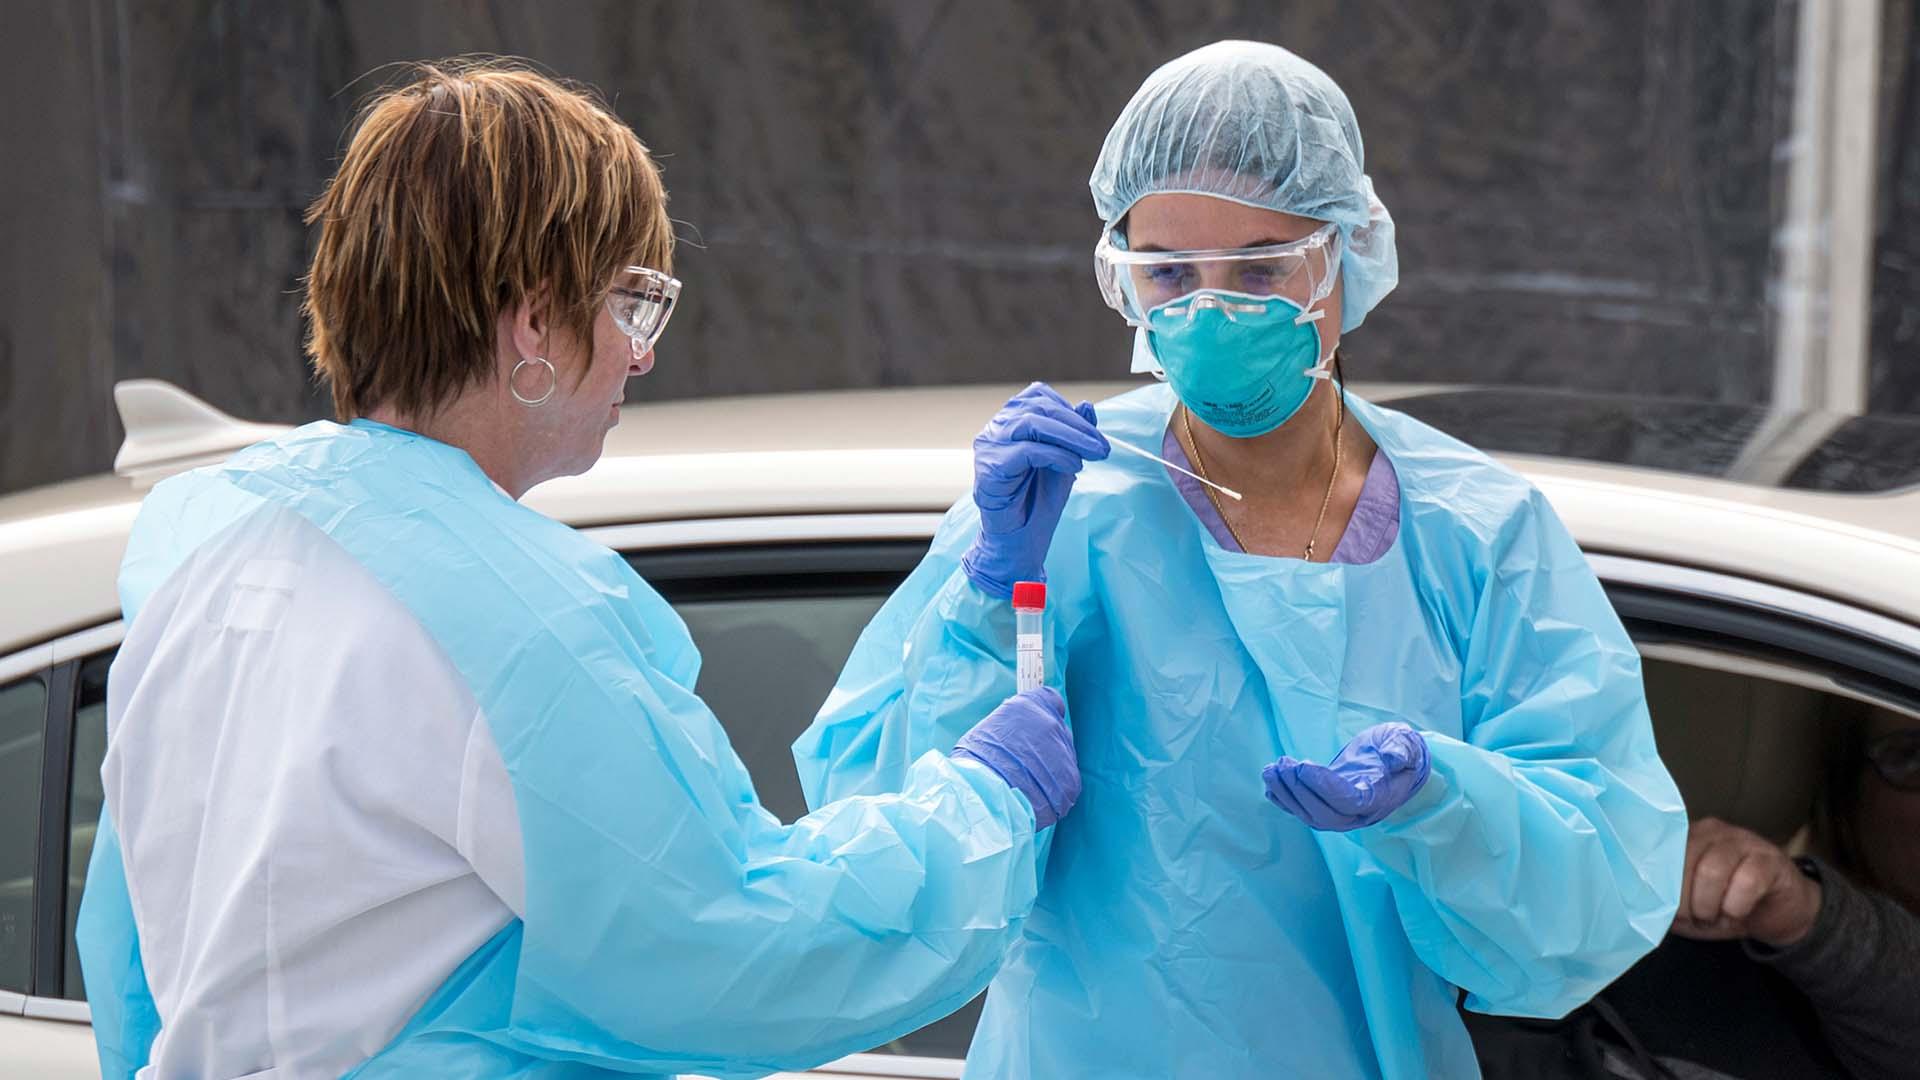 Disease expert tells Americans to 'hunker down' as US tightens coronavirus measures